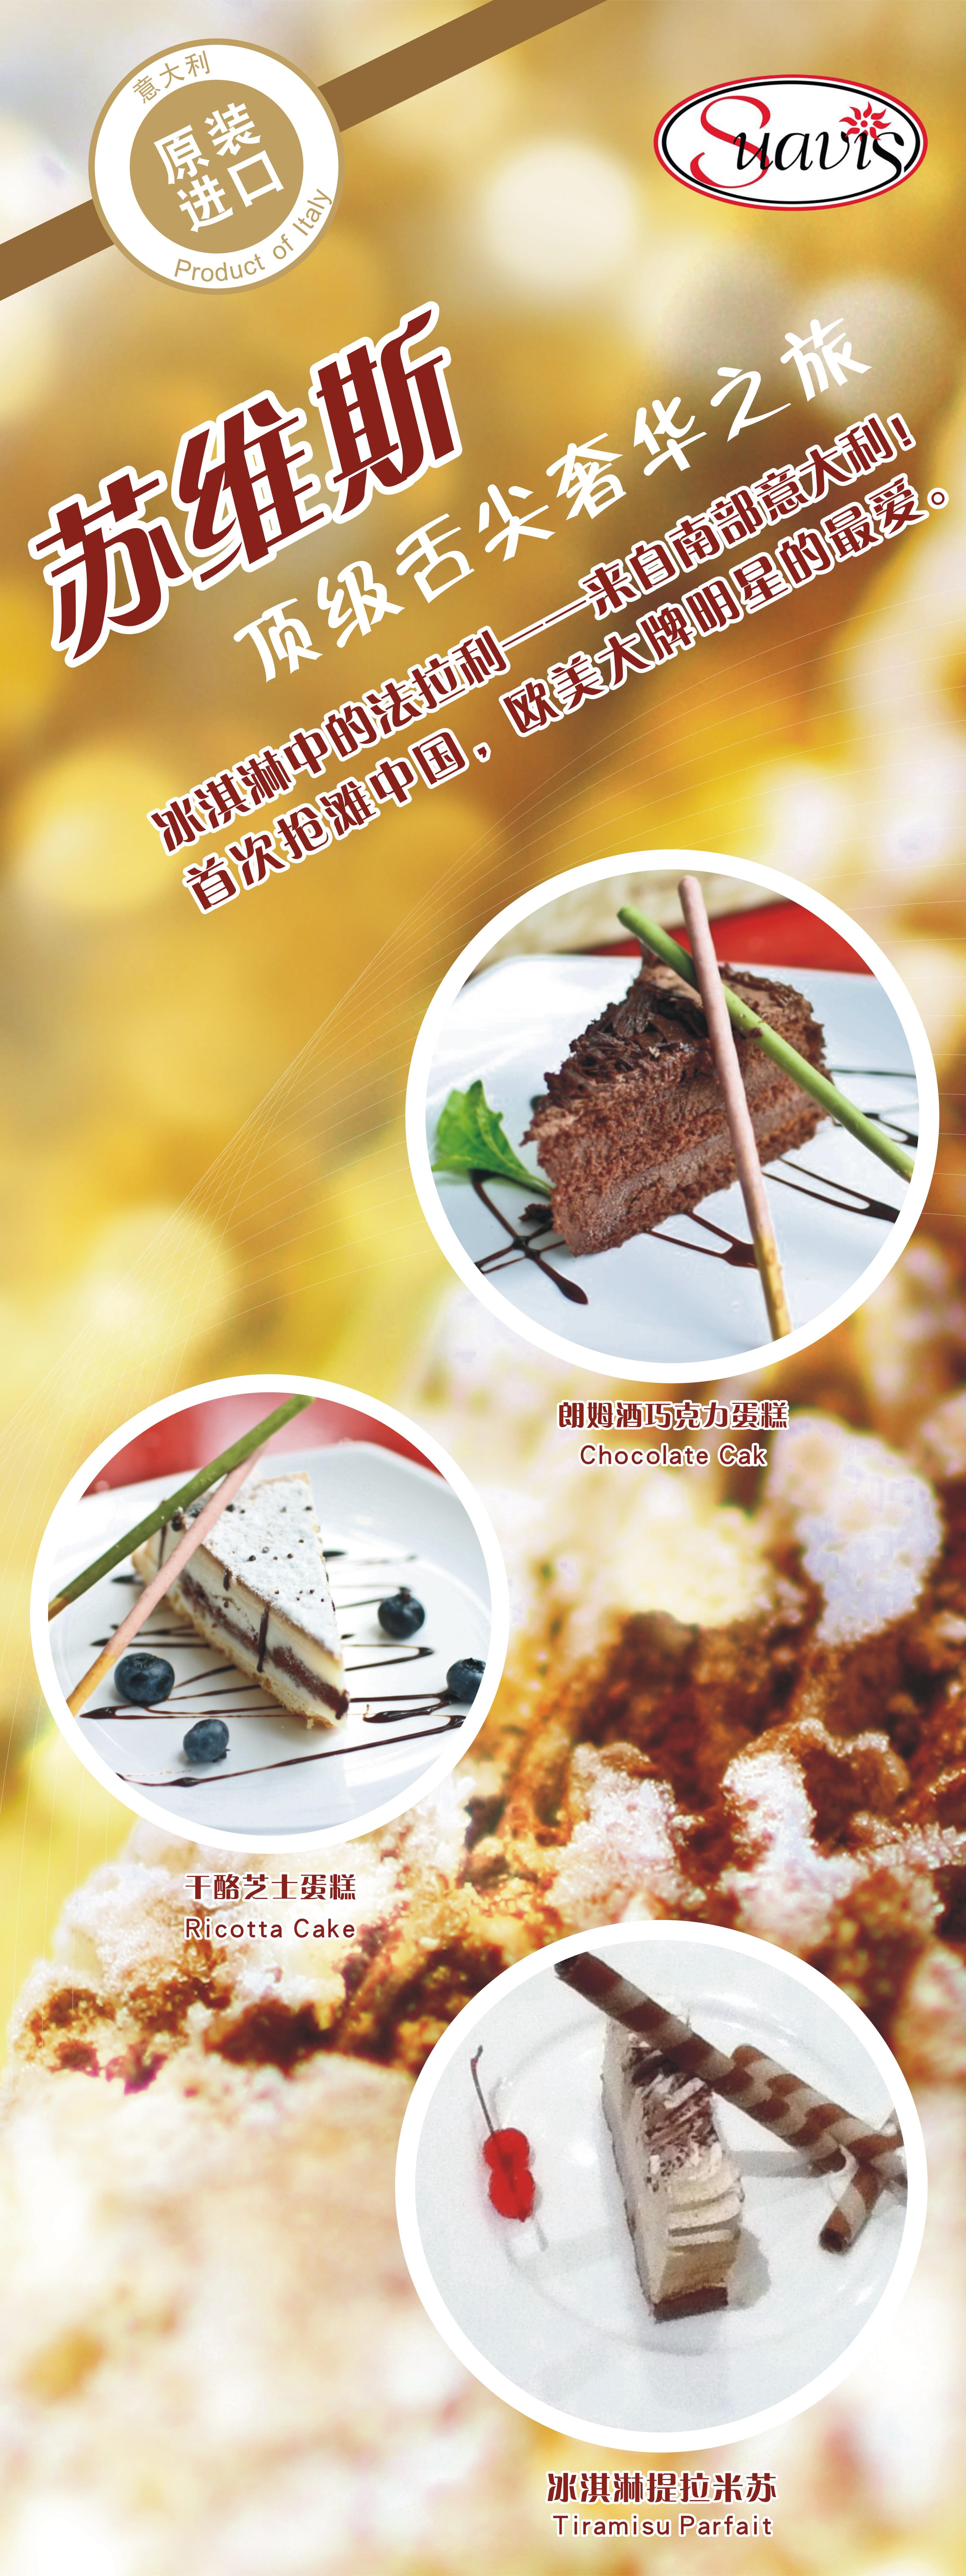 意大利苏维斯蛋糕海报设计图片